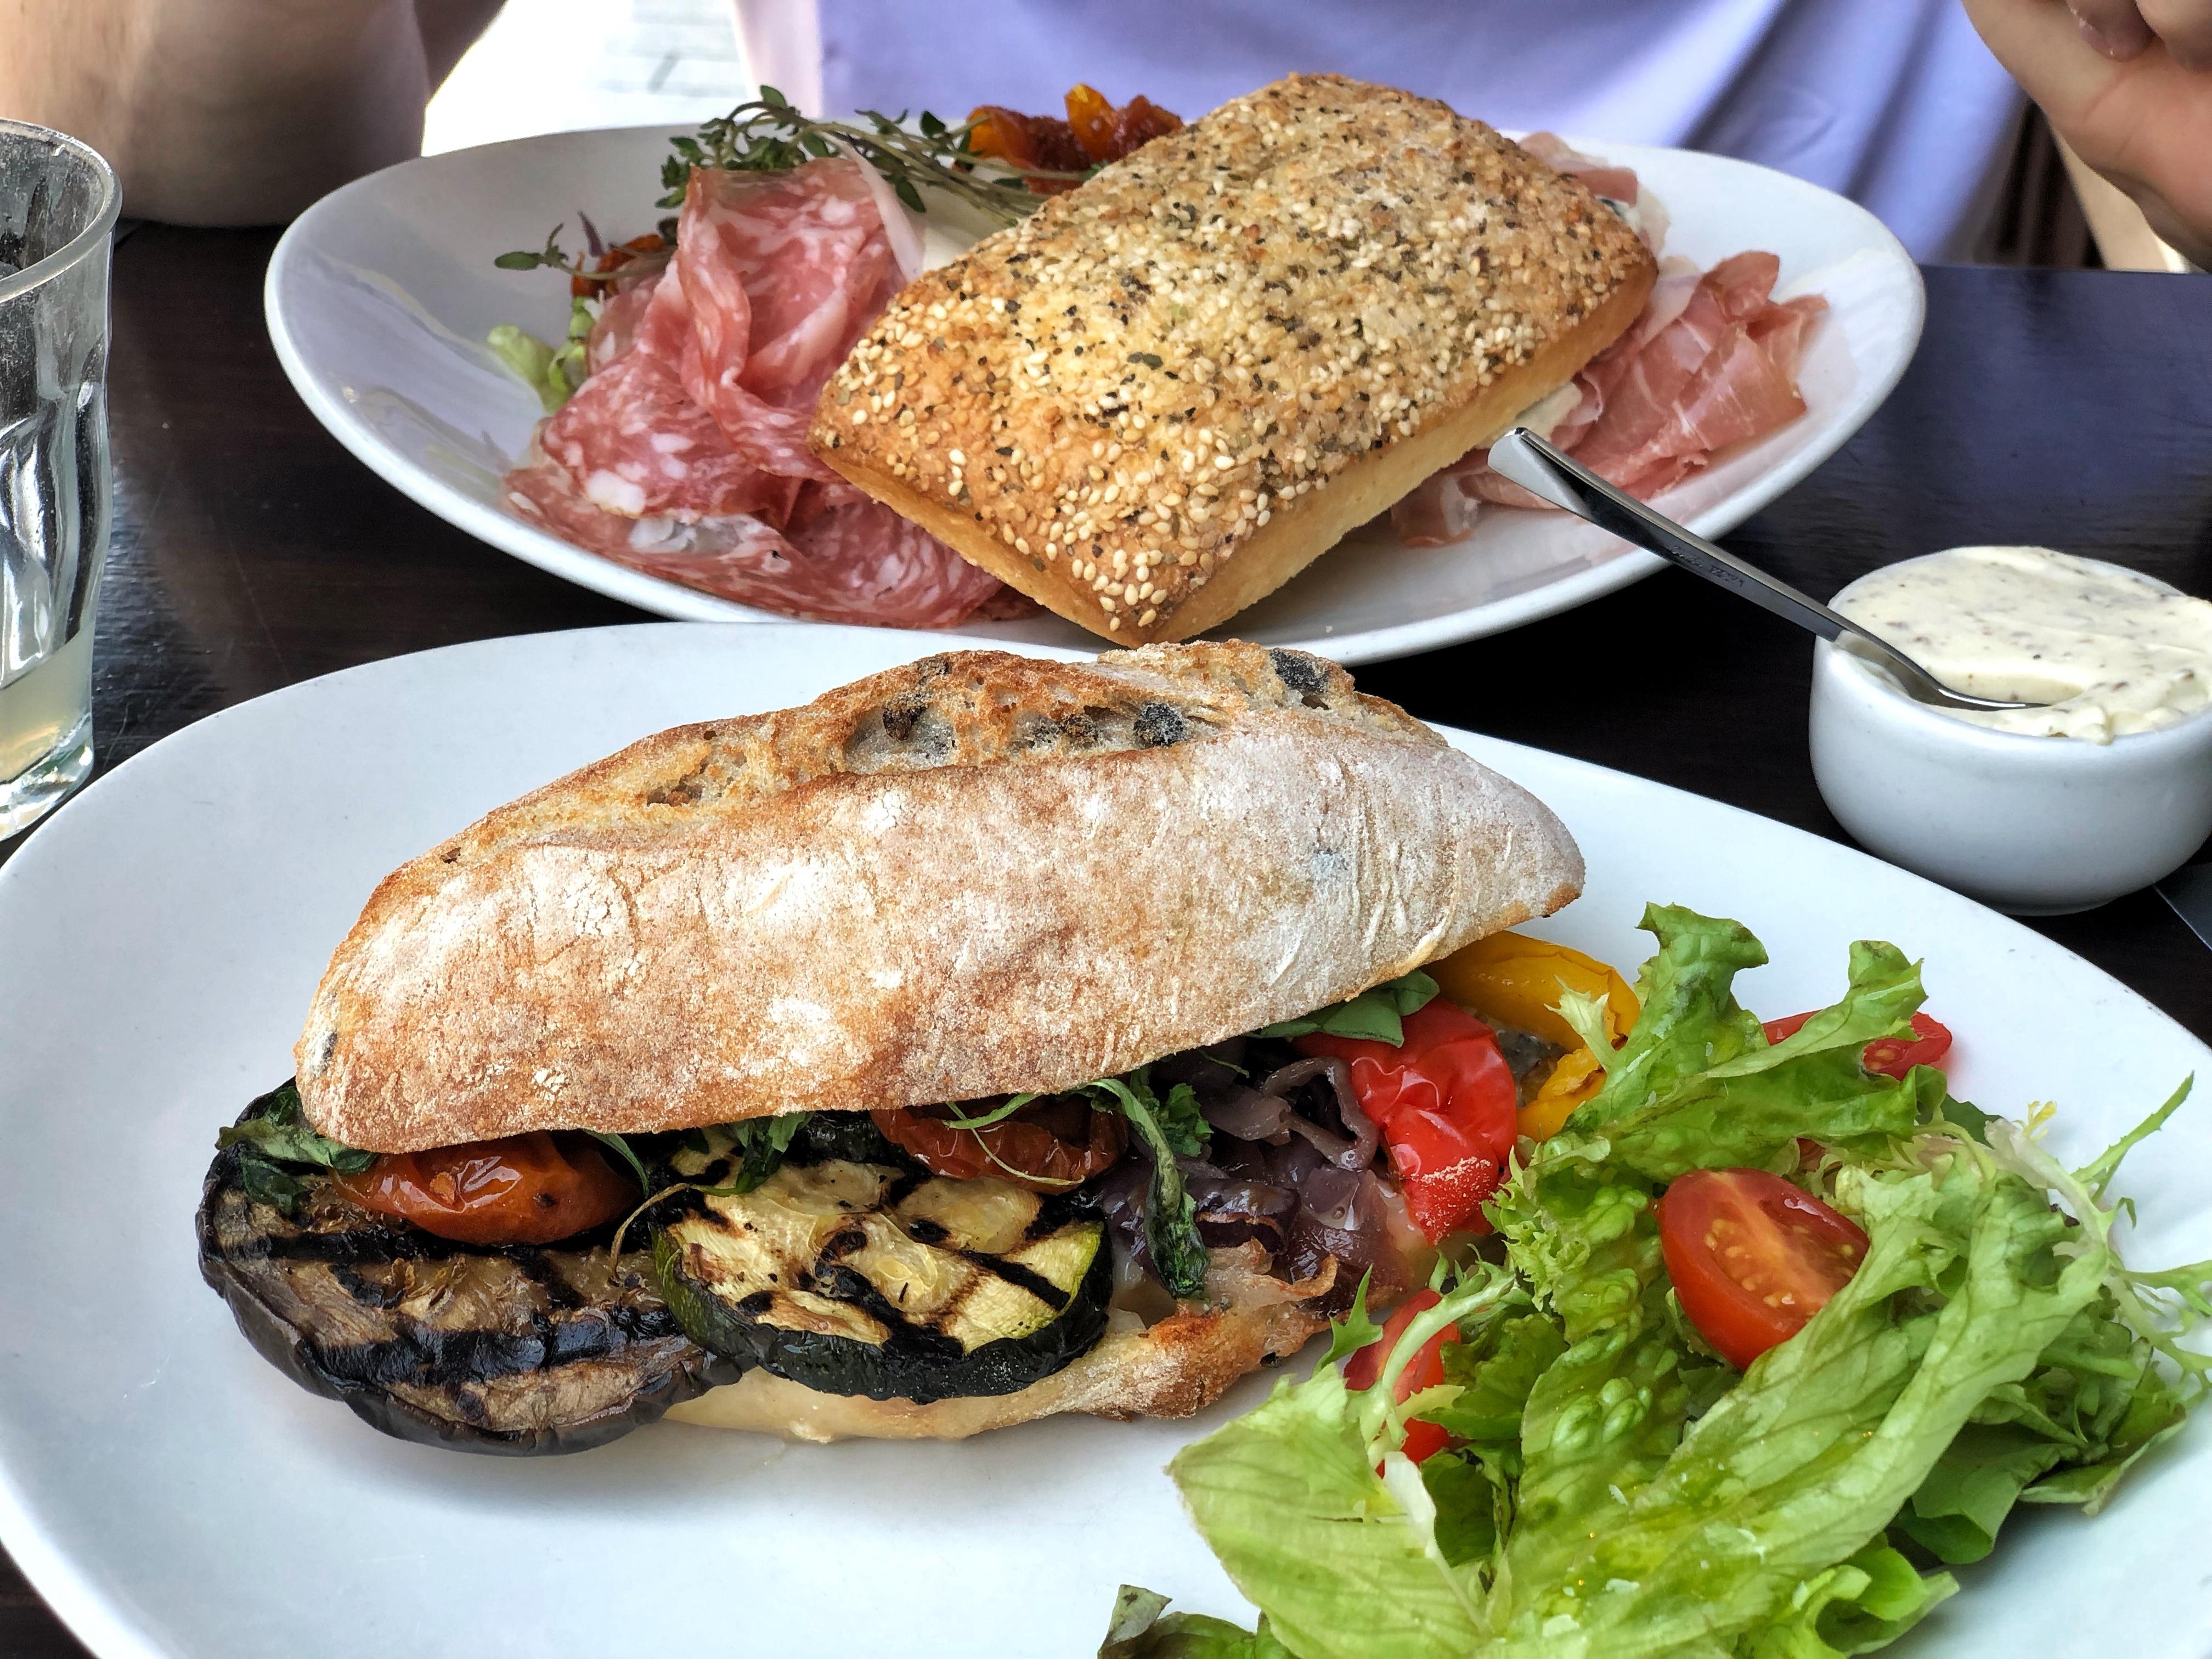 Bij Guliano's kun je de lekkerste Italiaanse broodjes bestellen! Zoals bijvoorbeeld de vegetariana met gorgonzola, gegrilde groente, gekonfijte rode ui, zongedroogde tomaatjes en pesto-mayonaise. Ideaal voor een vullende lunch!